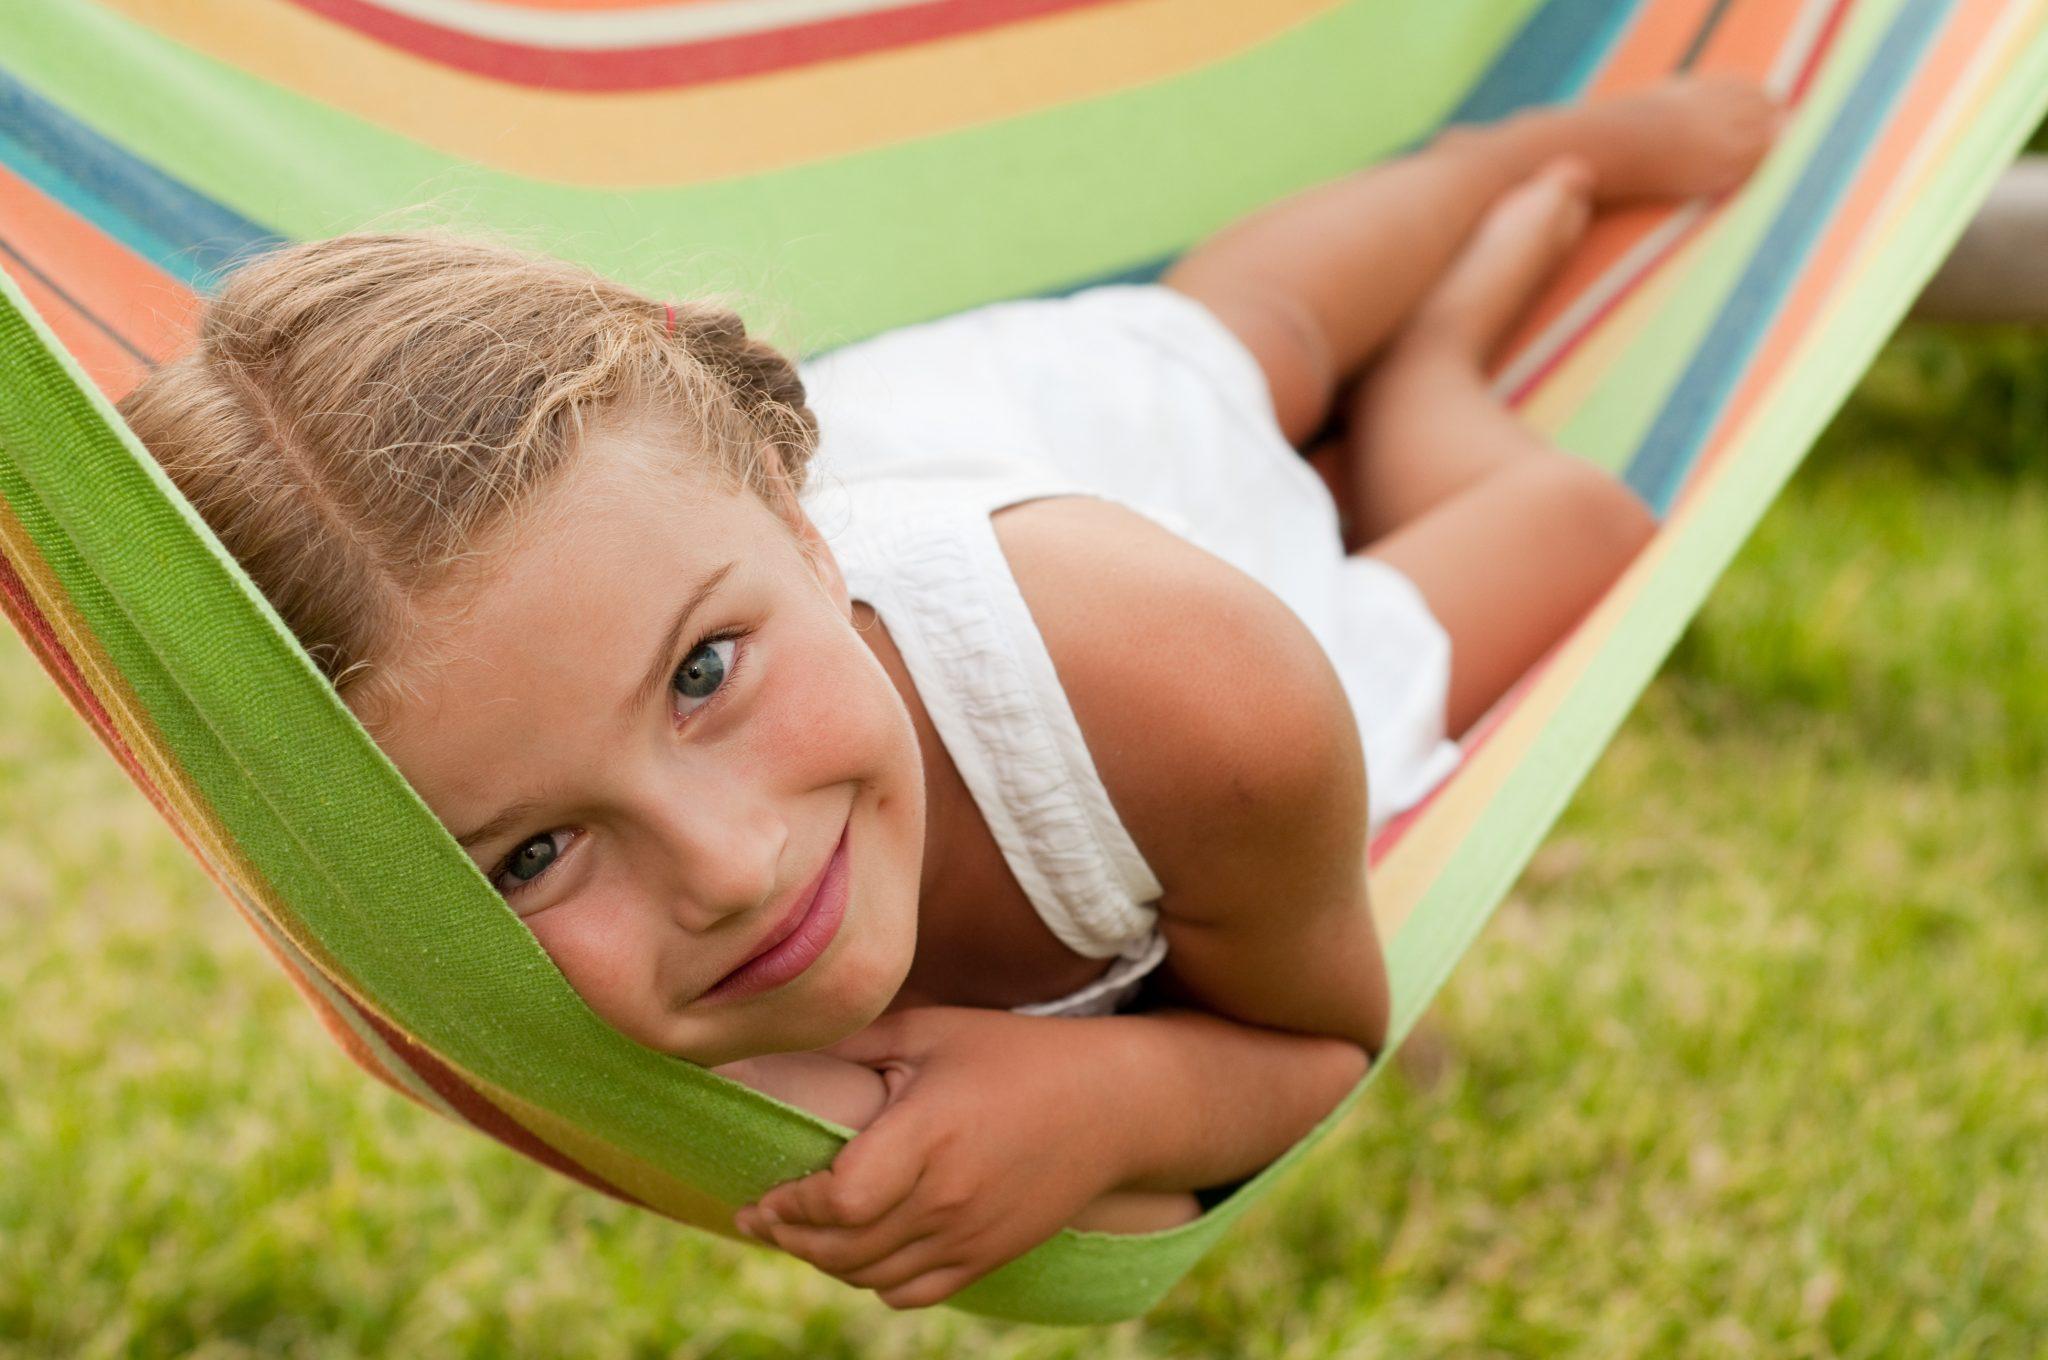 הדרכת הורים - כיצד לחזק את הילדים